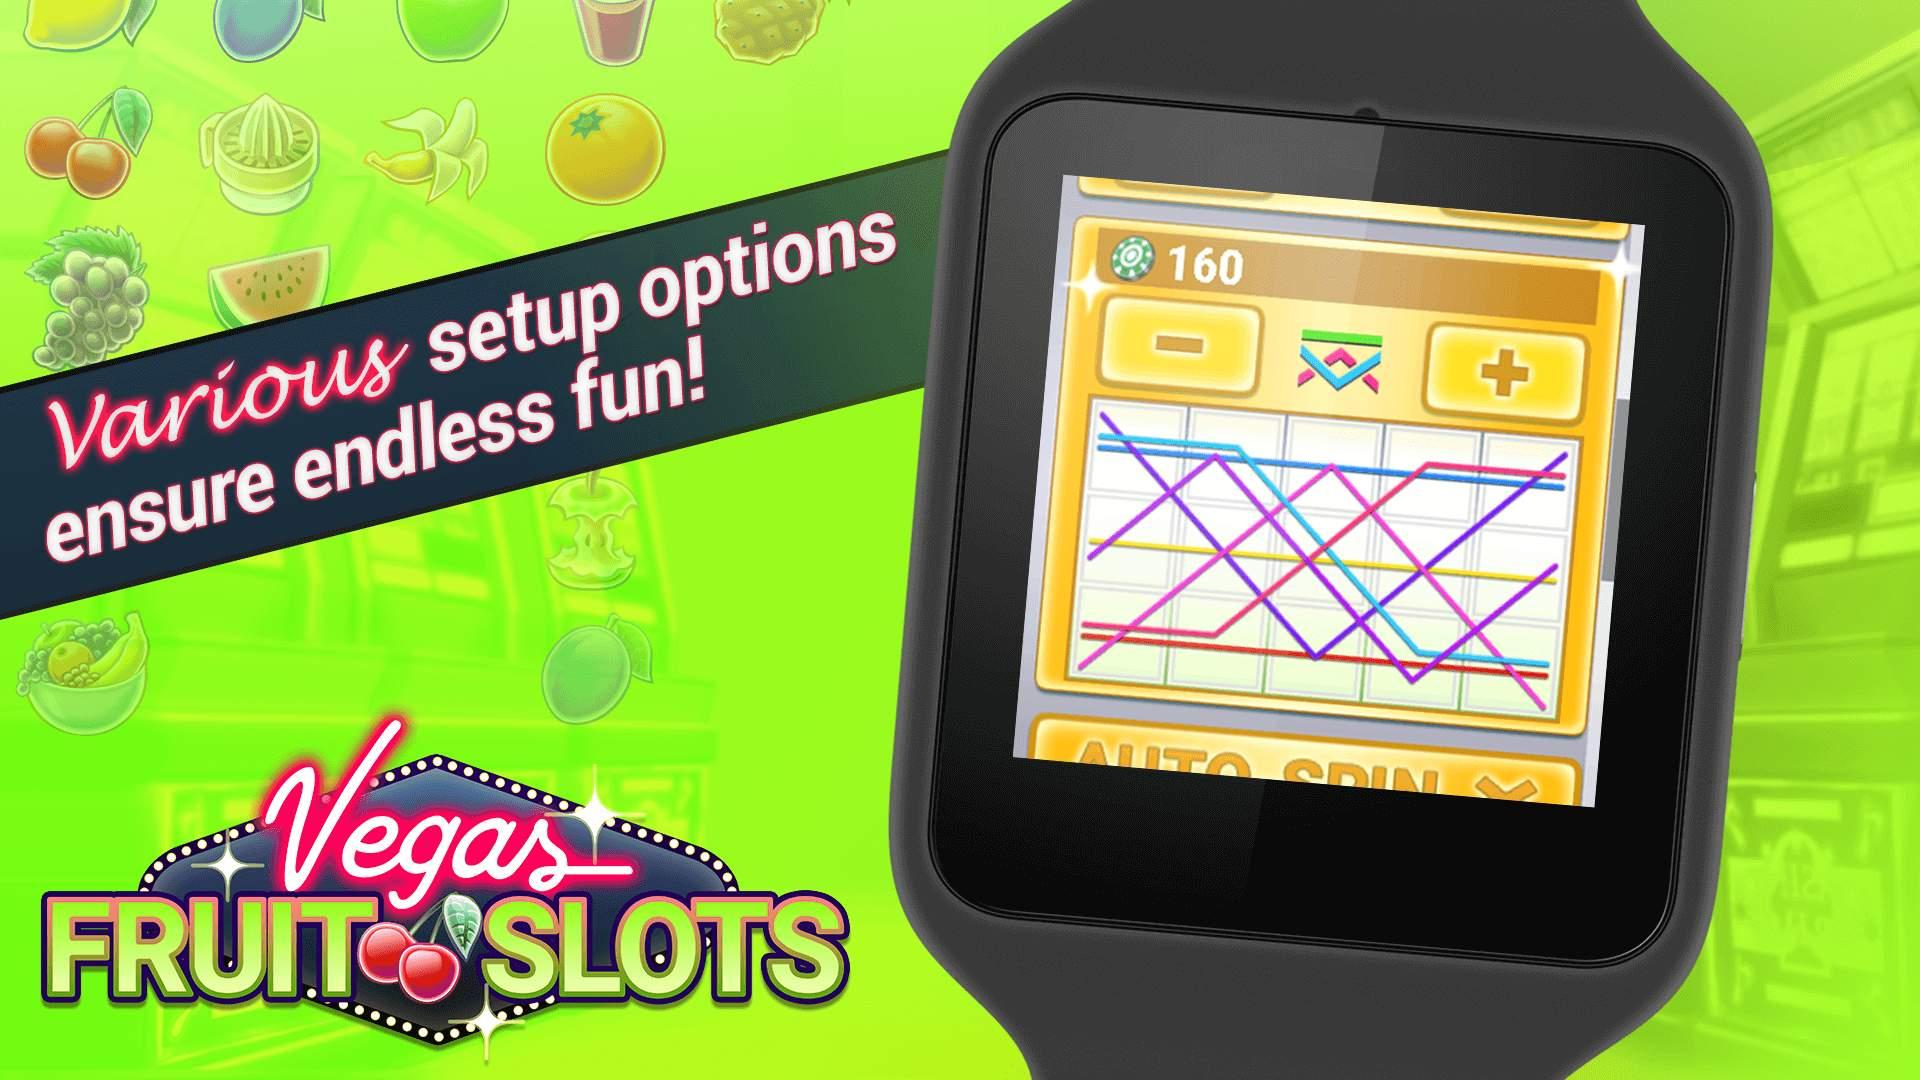 Vegas Fruit Slots Screenshot 3